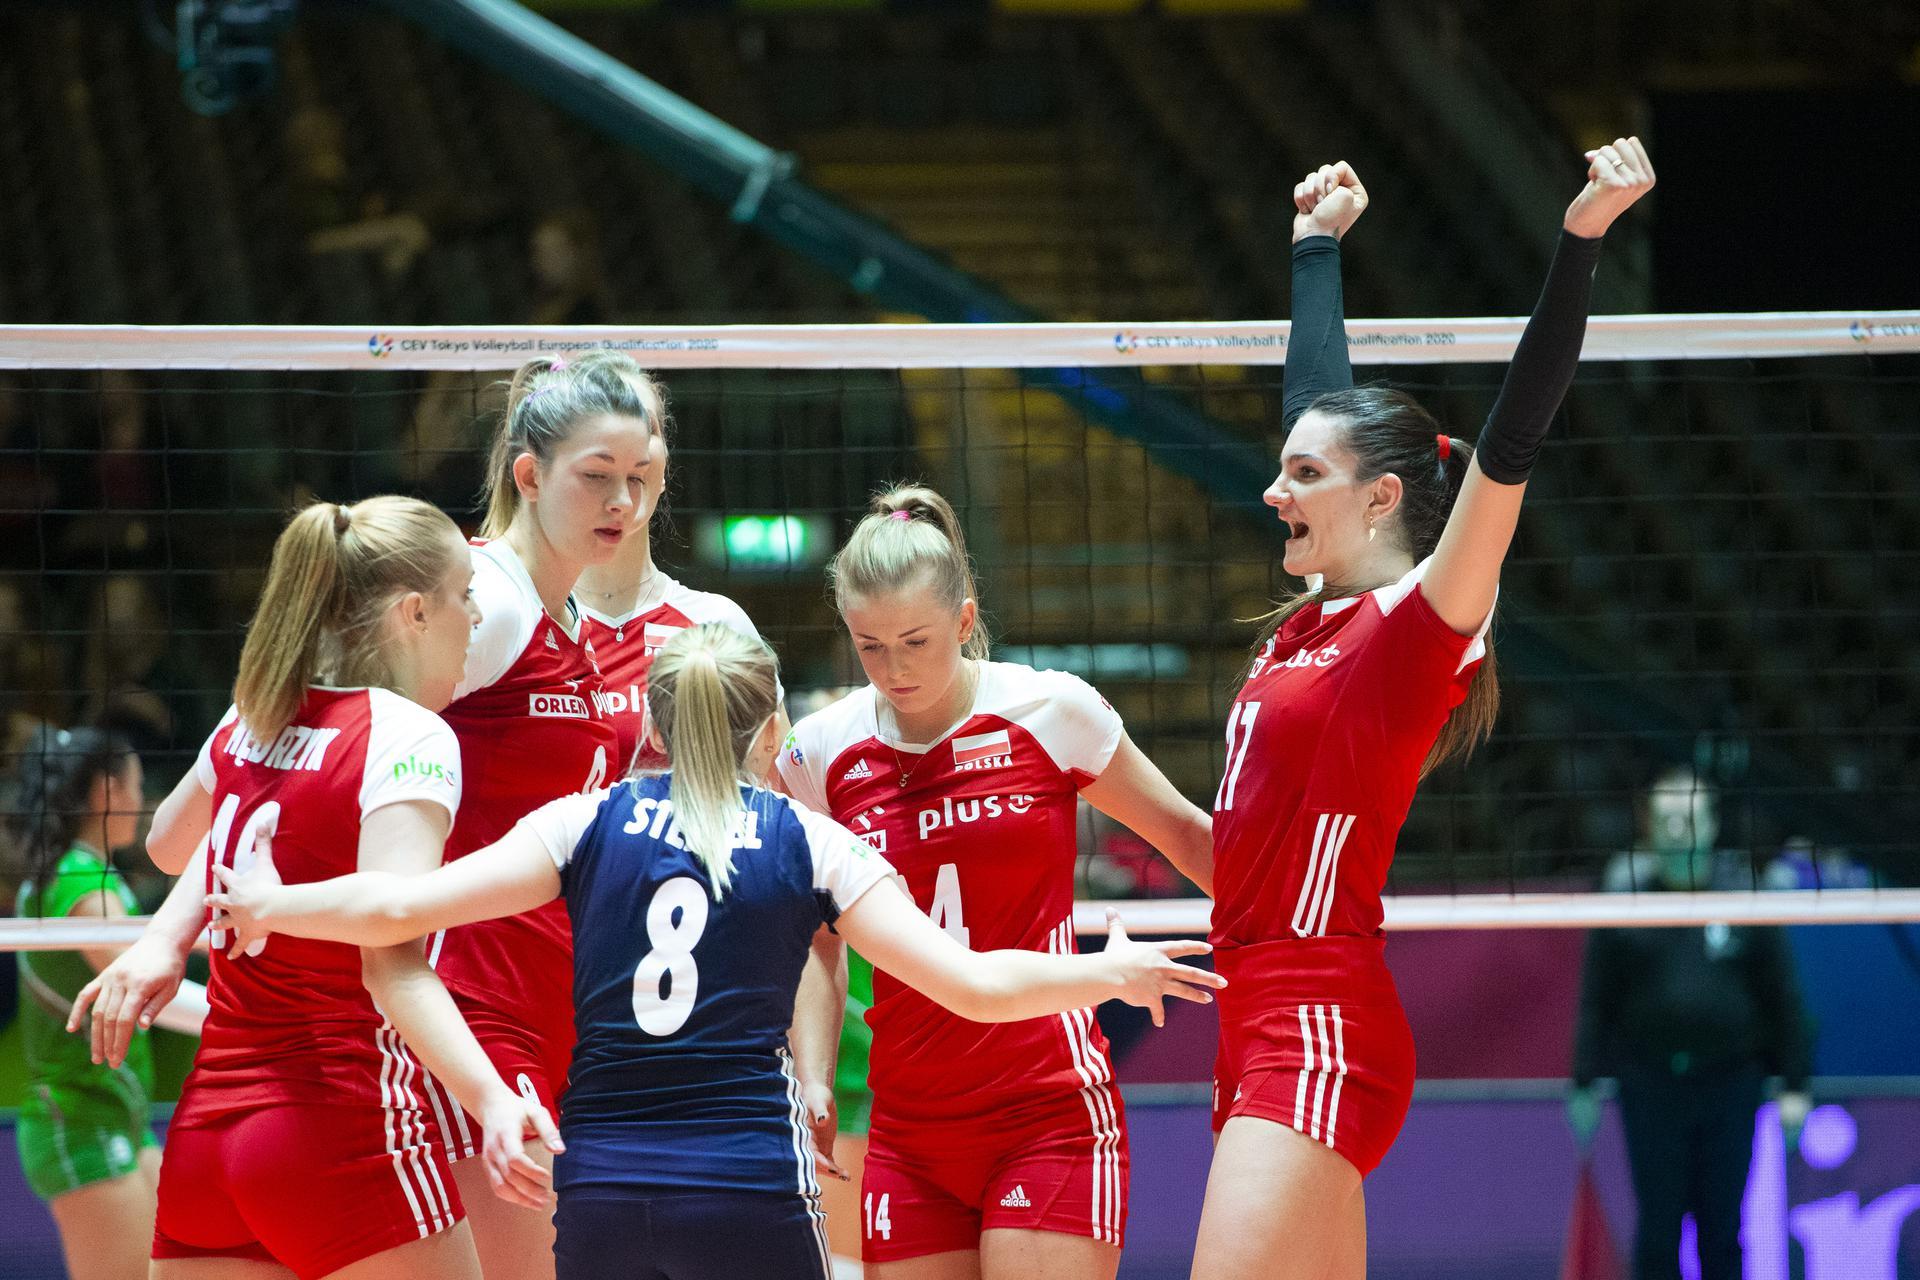 Polska - Holandia relacja NA ŻYWO: Polki półfinał mają, o zwycięstwo grają! [WYNIK, SKŁADY] - Super Express